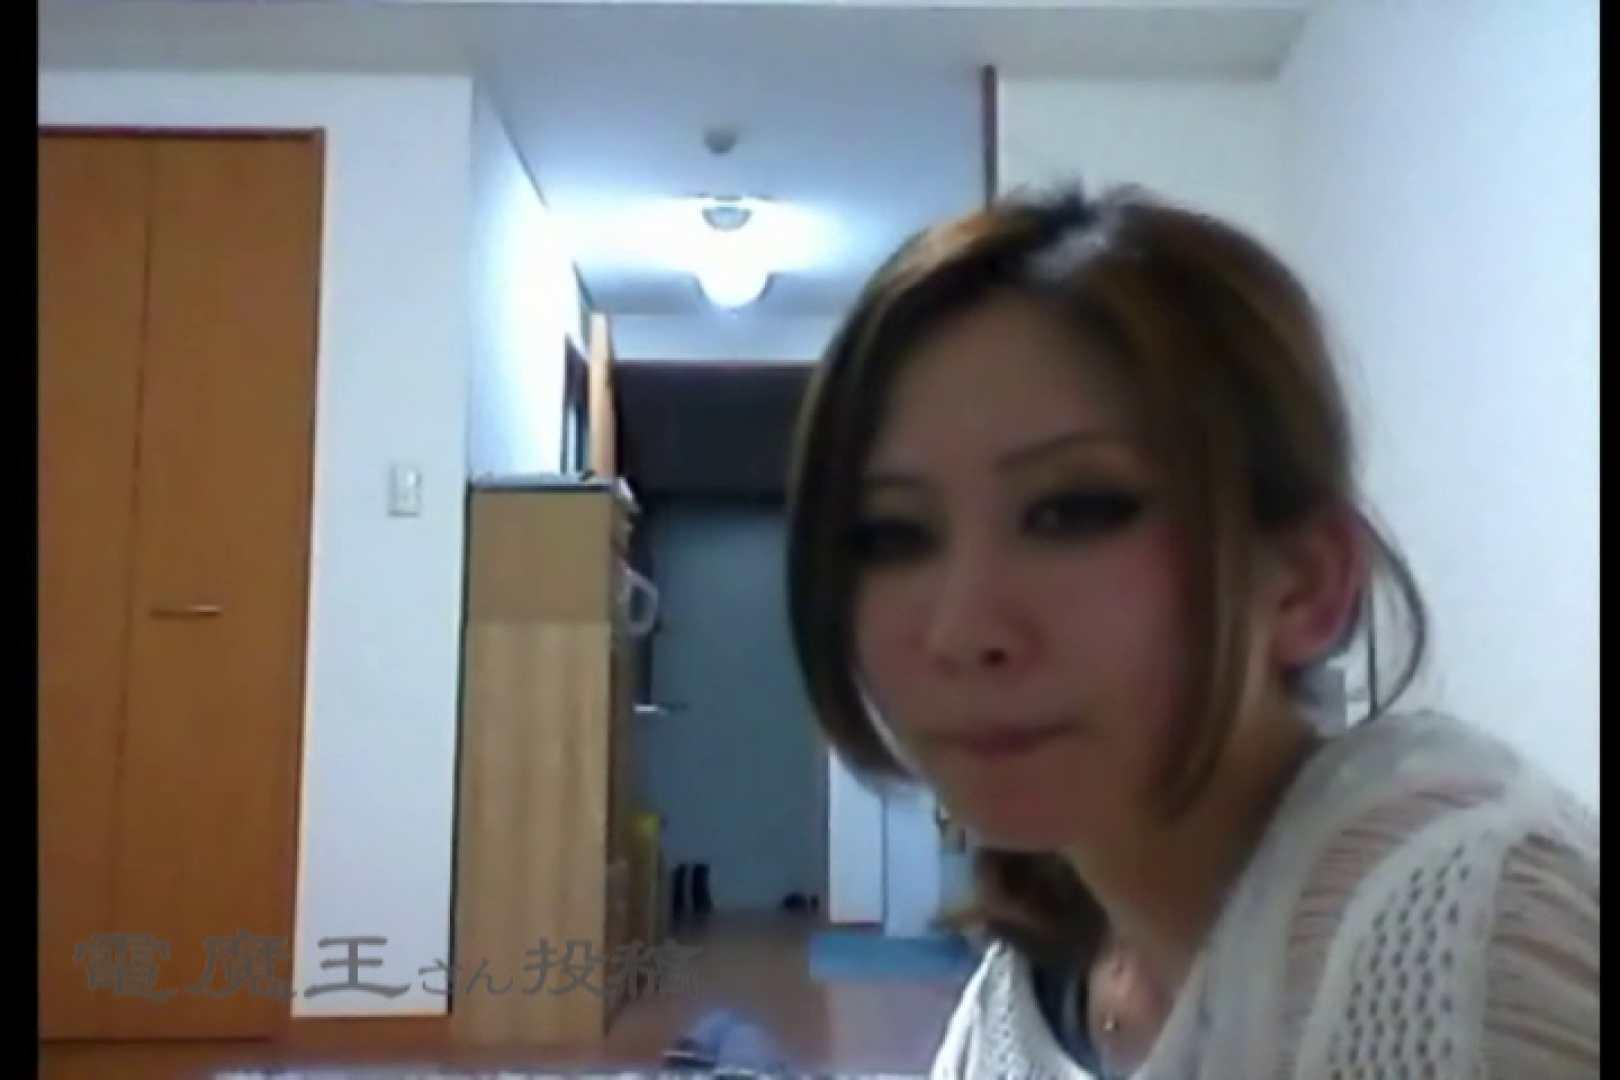 電魔王さんの「隠撮の部屋」カエデ 美女  29連発 20